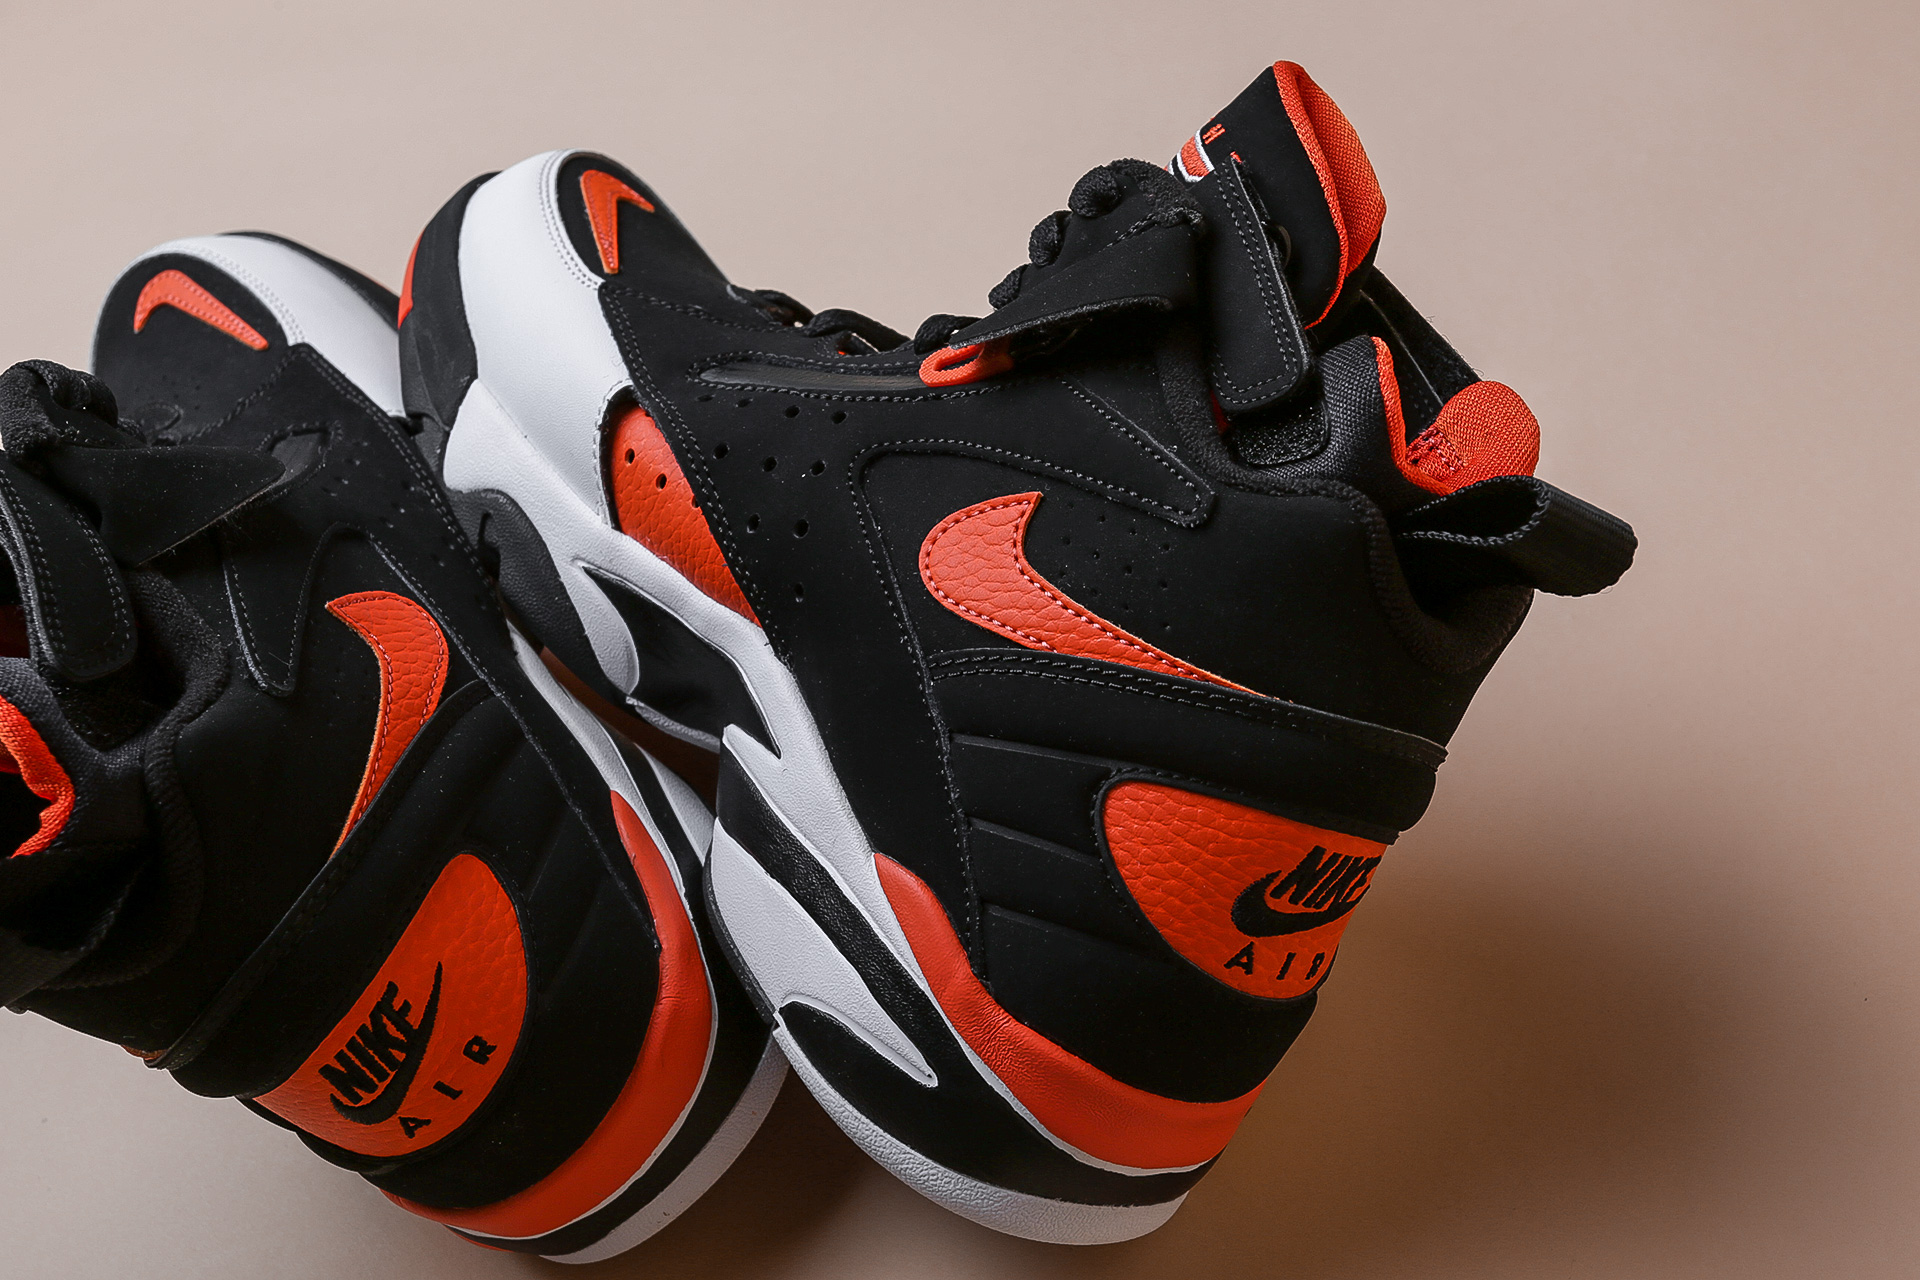 eda06378 ... Купить мужские черные кроссовки Nike Air Maestro II LTD - фото 2  картинки ...